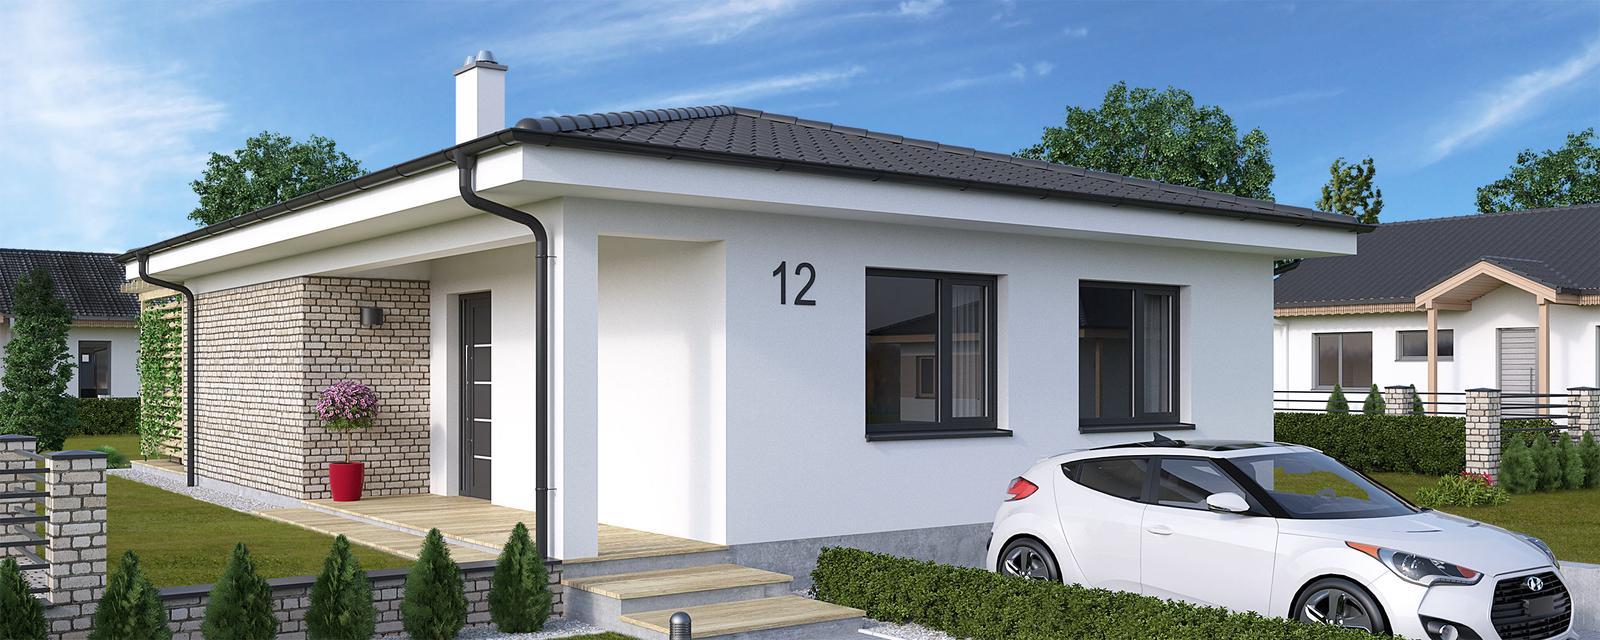 dom s pozemkom do 100.000 - Obrázok č. 1